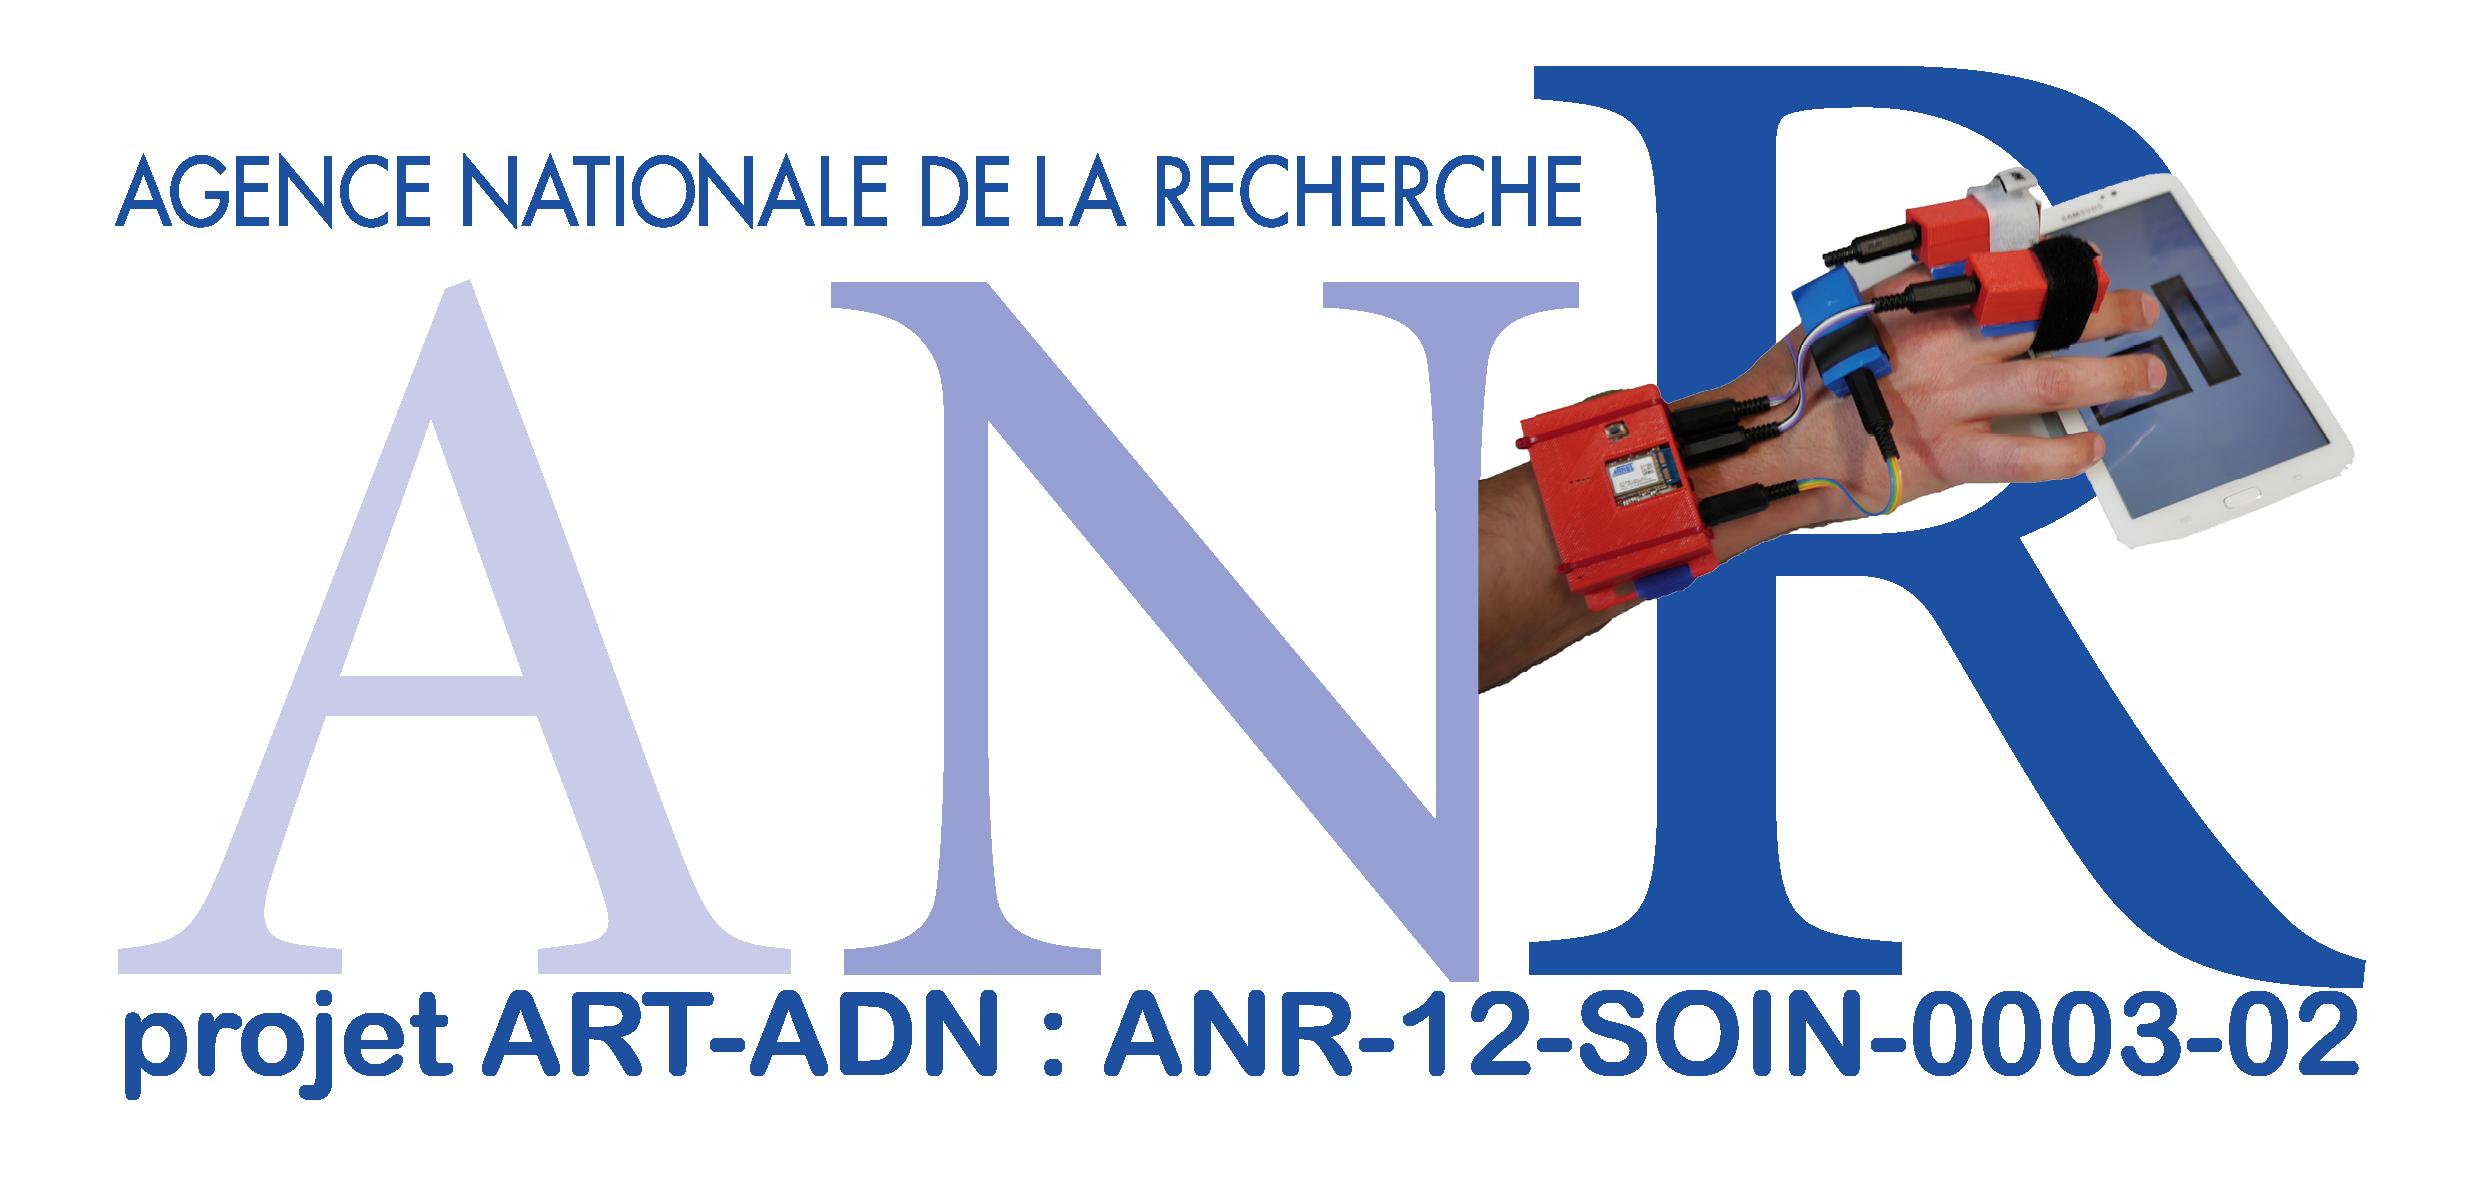 Projet ART-ADN : ANR-12-SOIN-0003-02